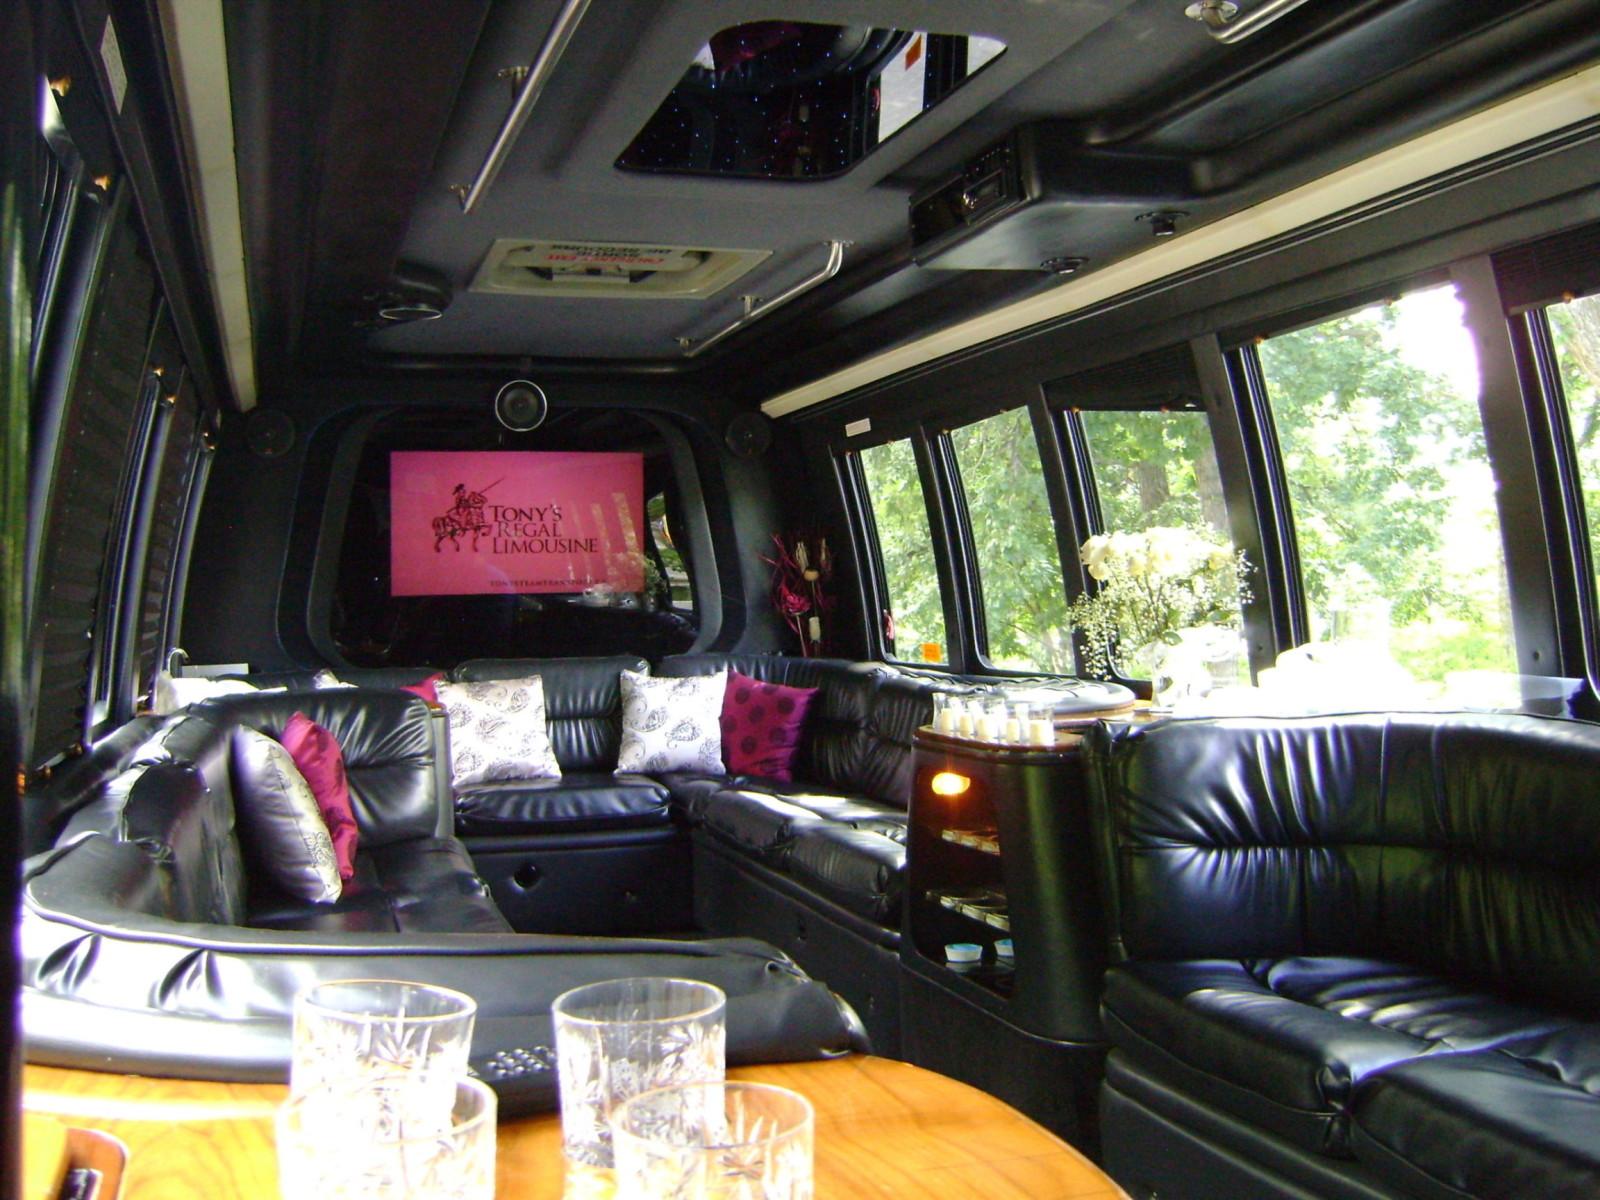 inside-limo-3-e1425310221760-1600x1200.jpg